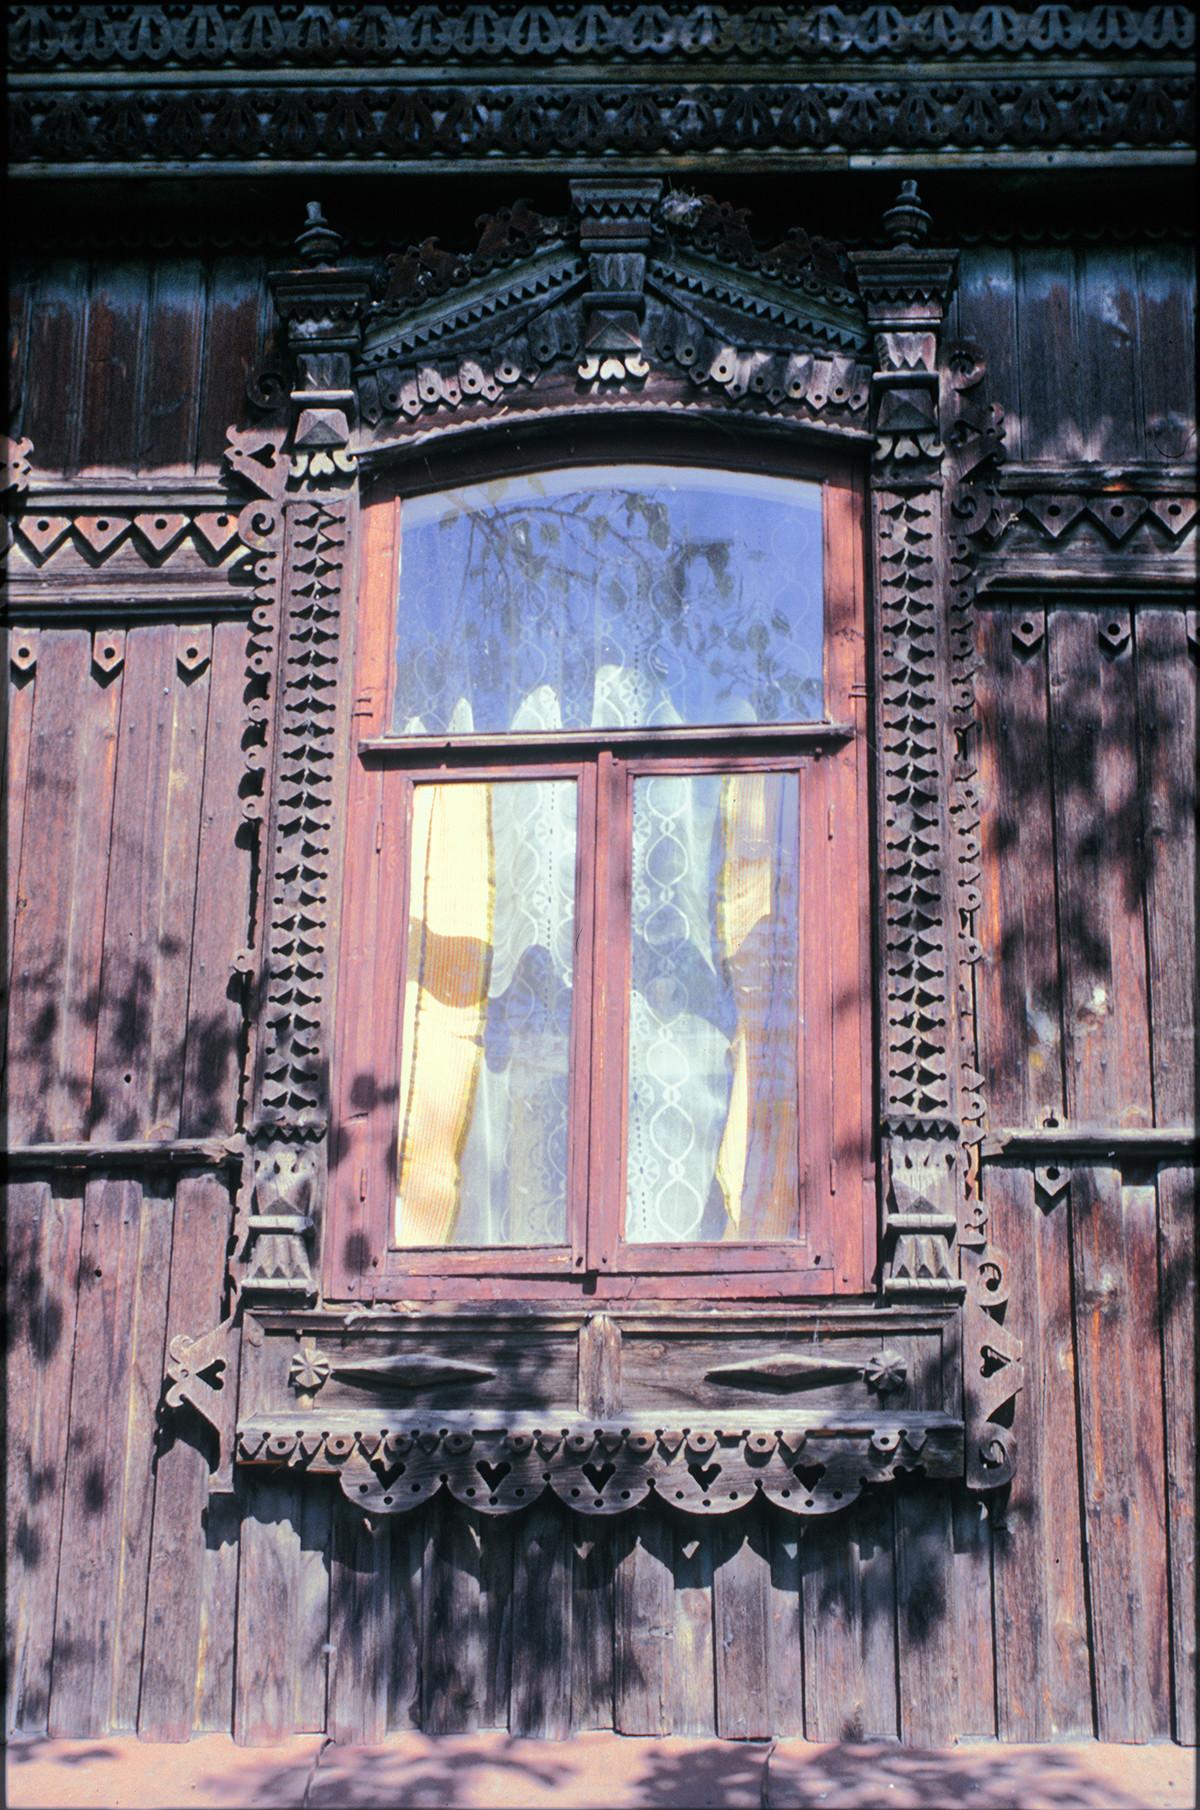 Ventana con marco decorativo, Calle Soviet 107. 15 de julio de 2003.